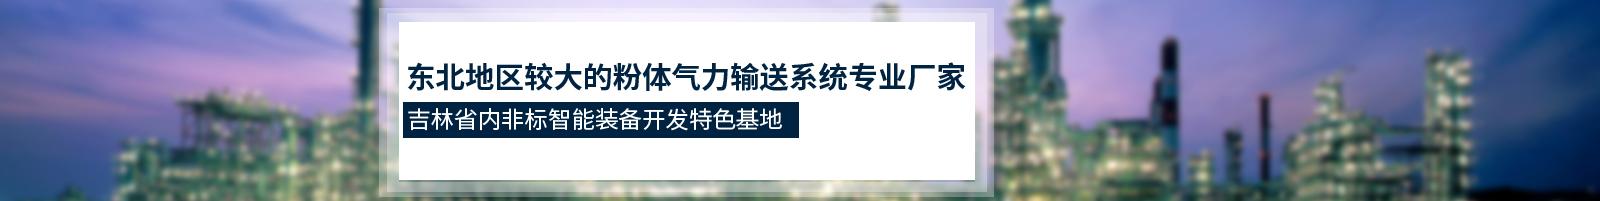 吉林亚钢科技有限公司